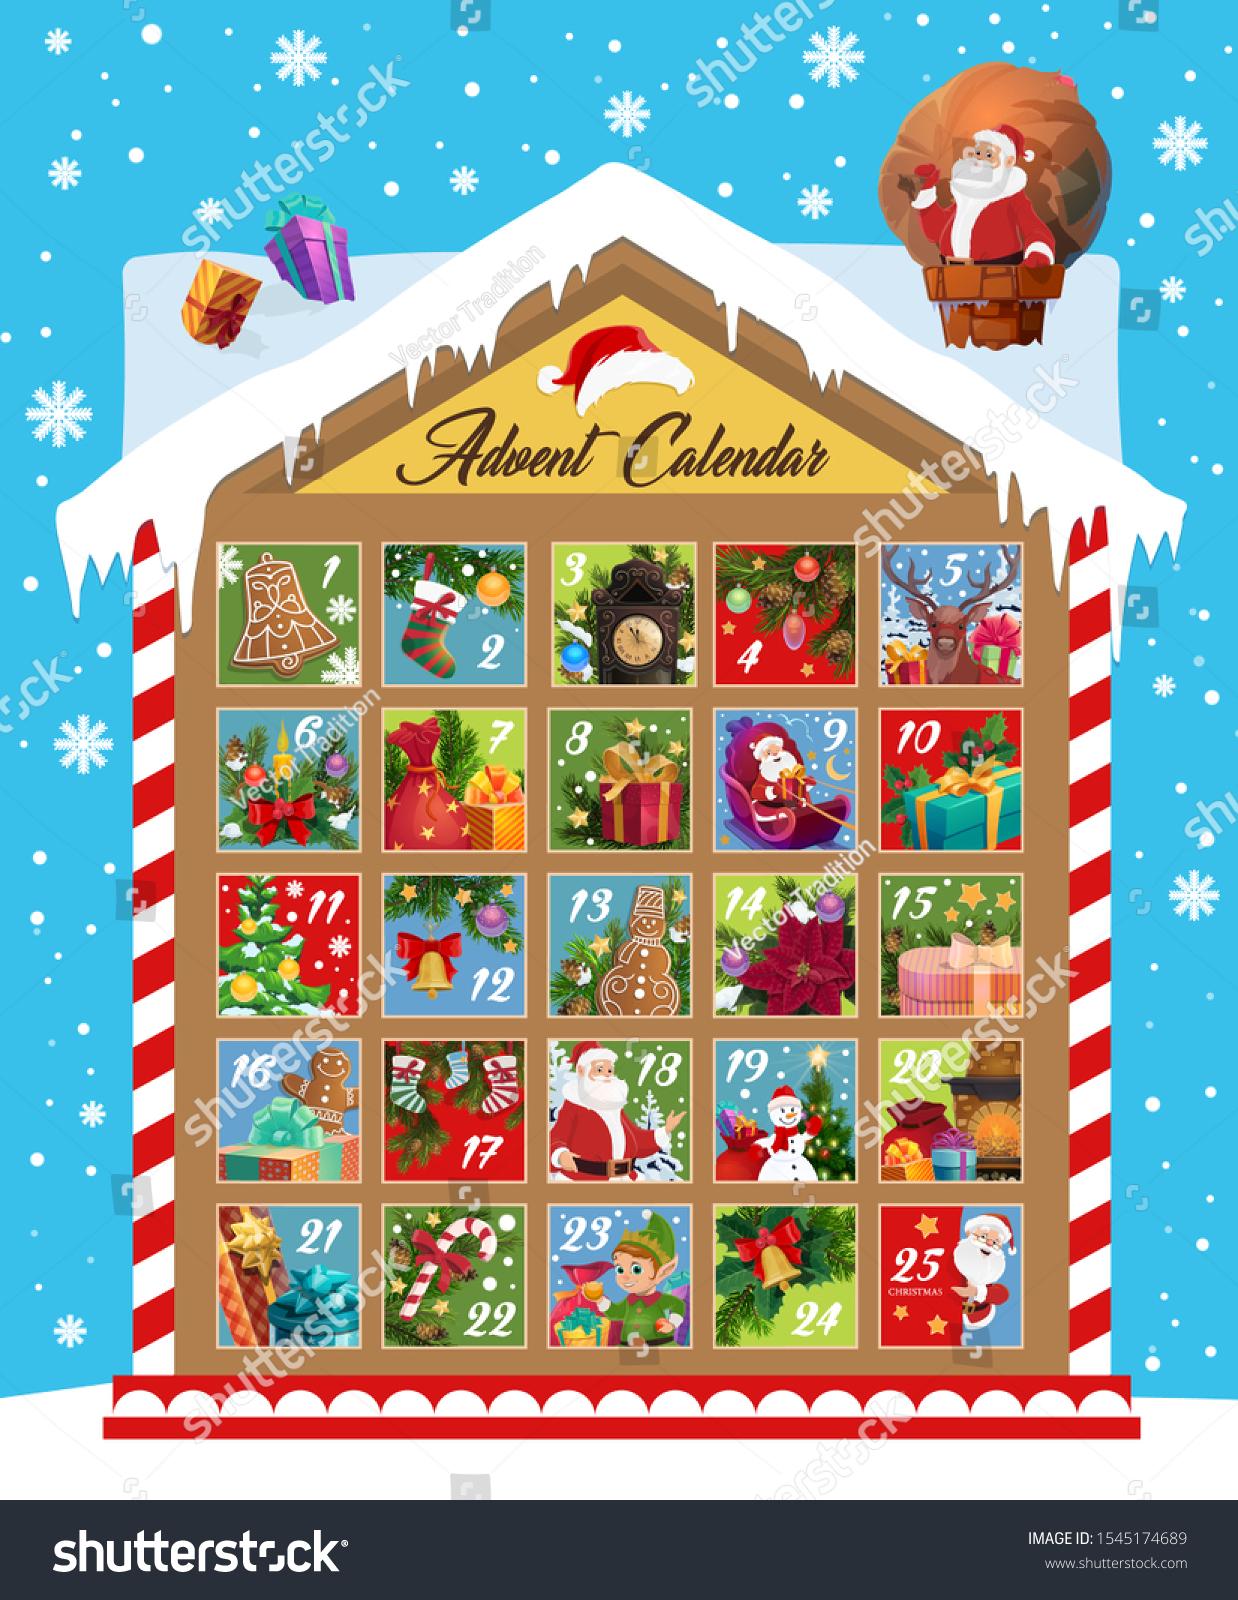 2021 Christmas Candy Countdown Calendar Christmas Advent Calendar Vector Design Xmas Stock Vector Royalty Free 1545174689